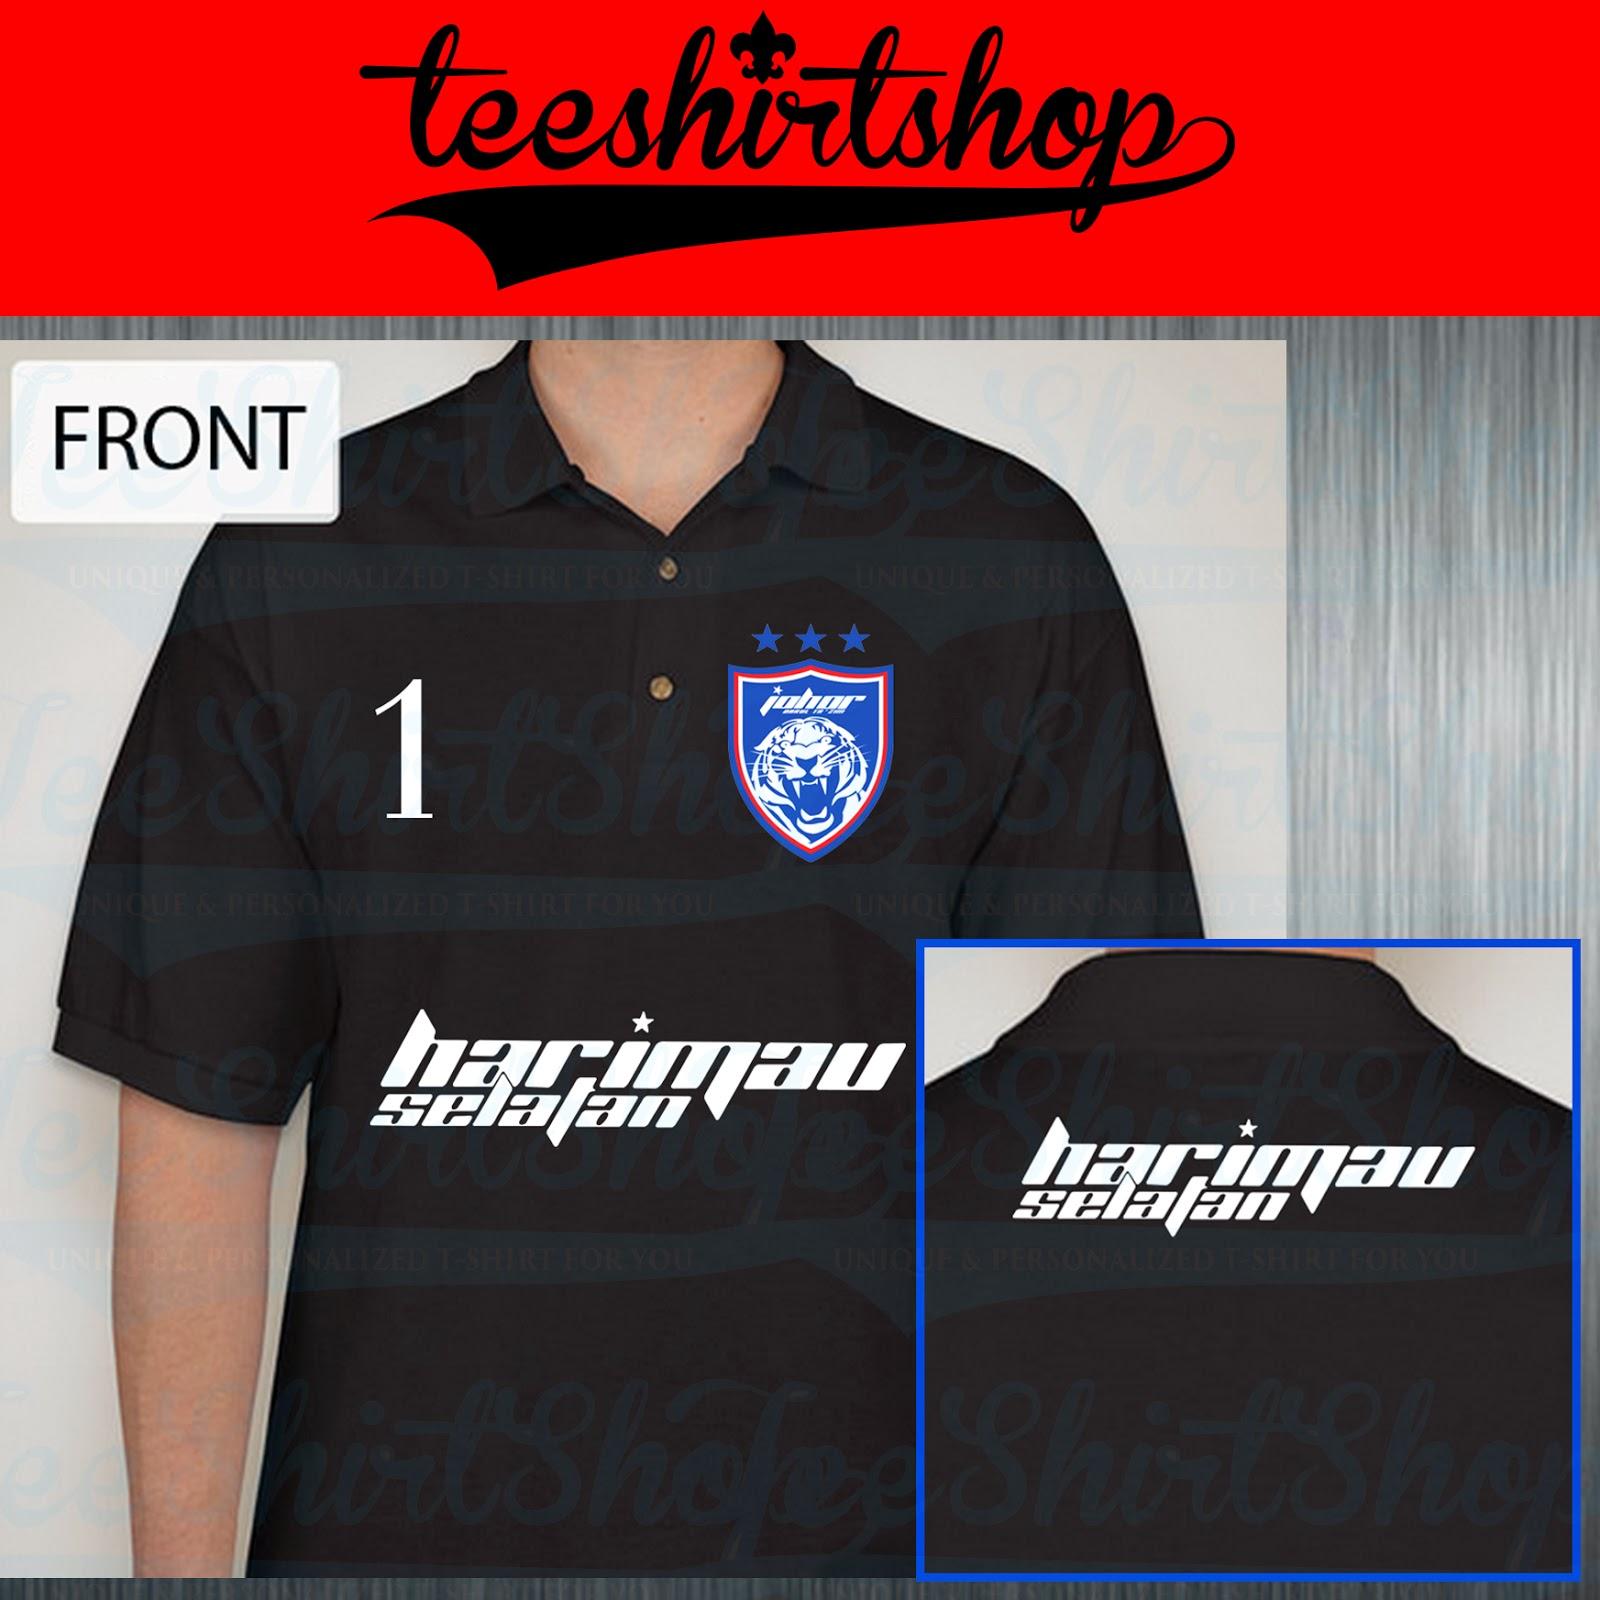 Design t shirt johor - Design T Shirt Jdt Jdt Polo Collar Tshirt 2014 Edition